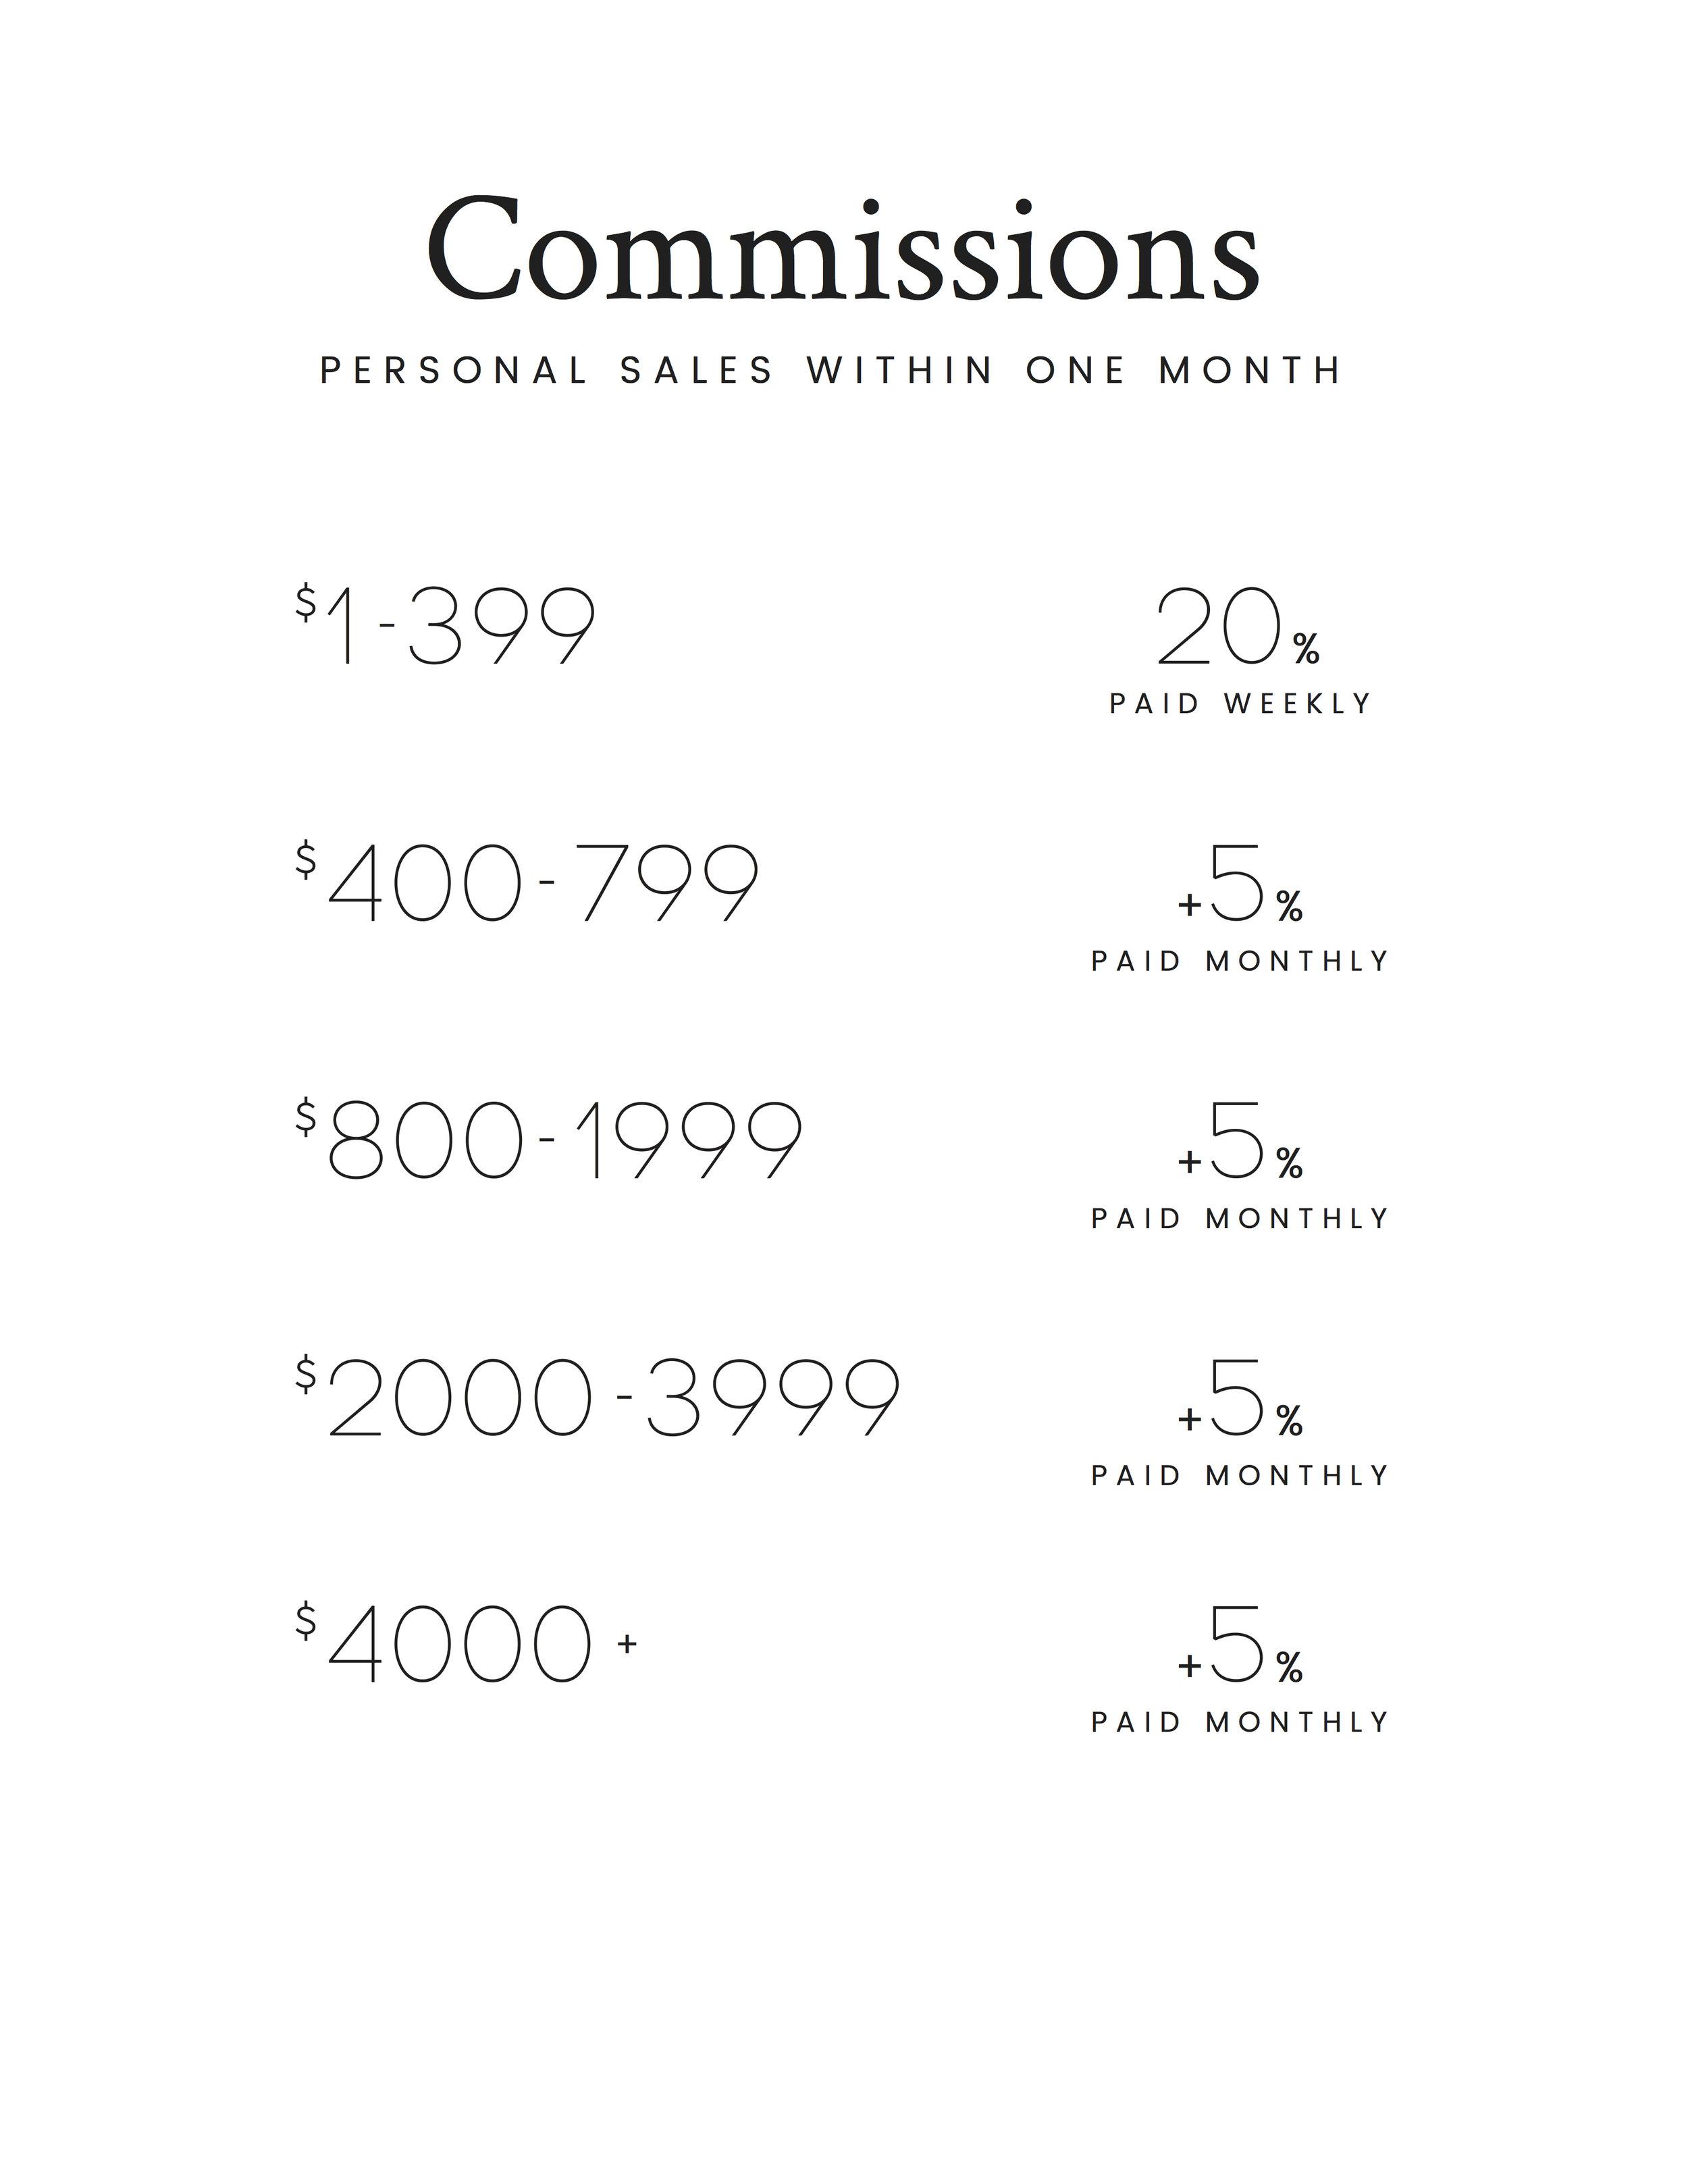 Maskcara Commission Bonuses